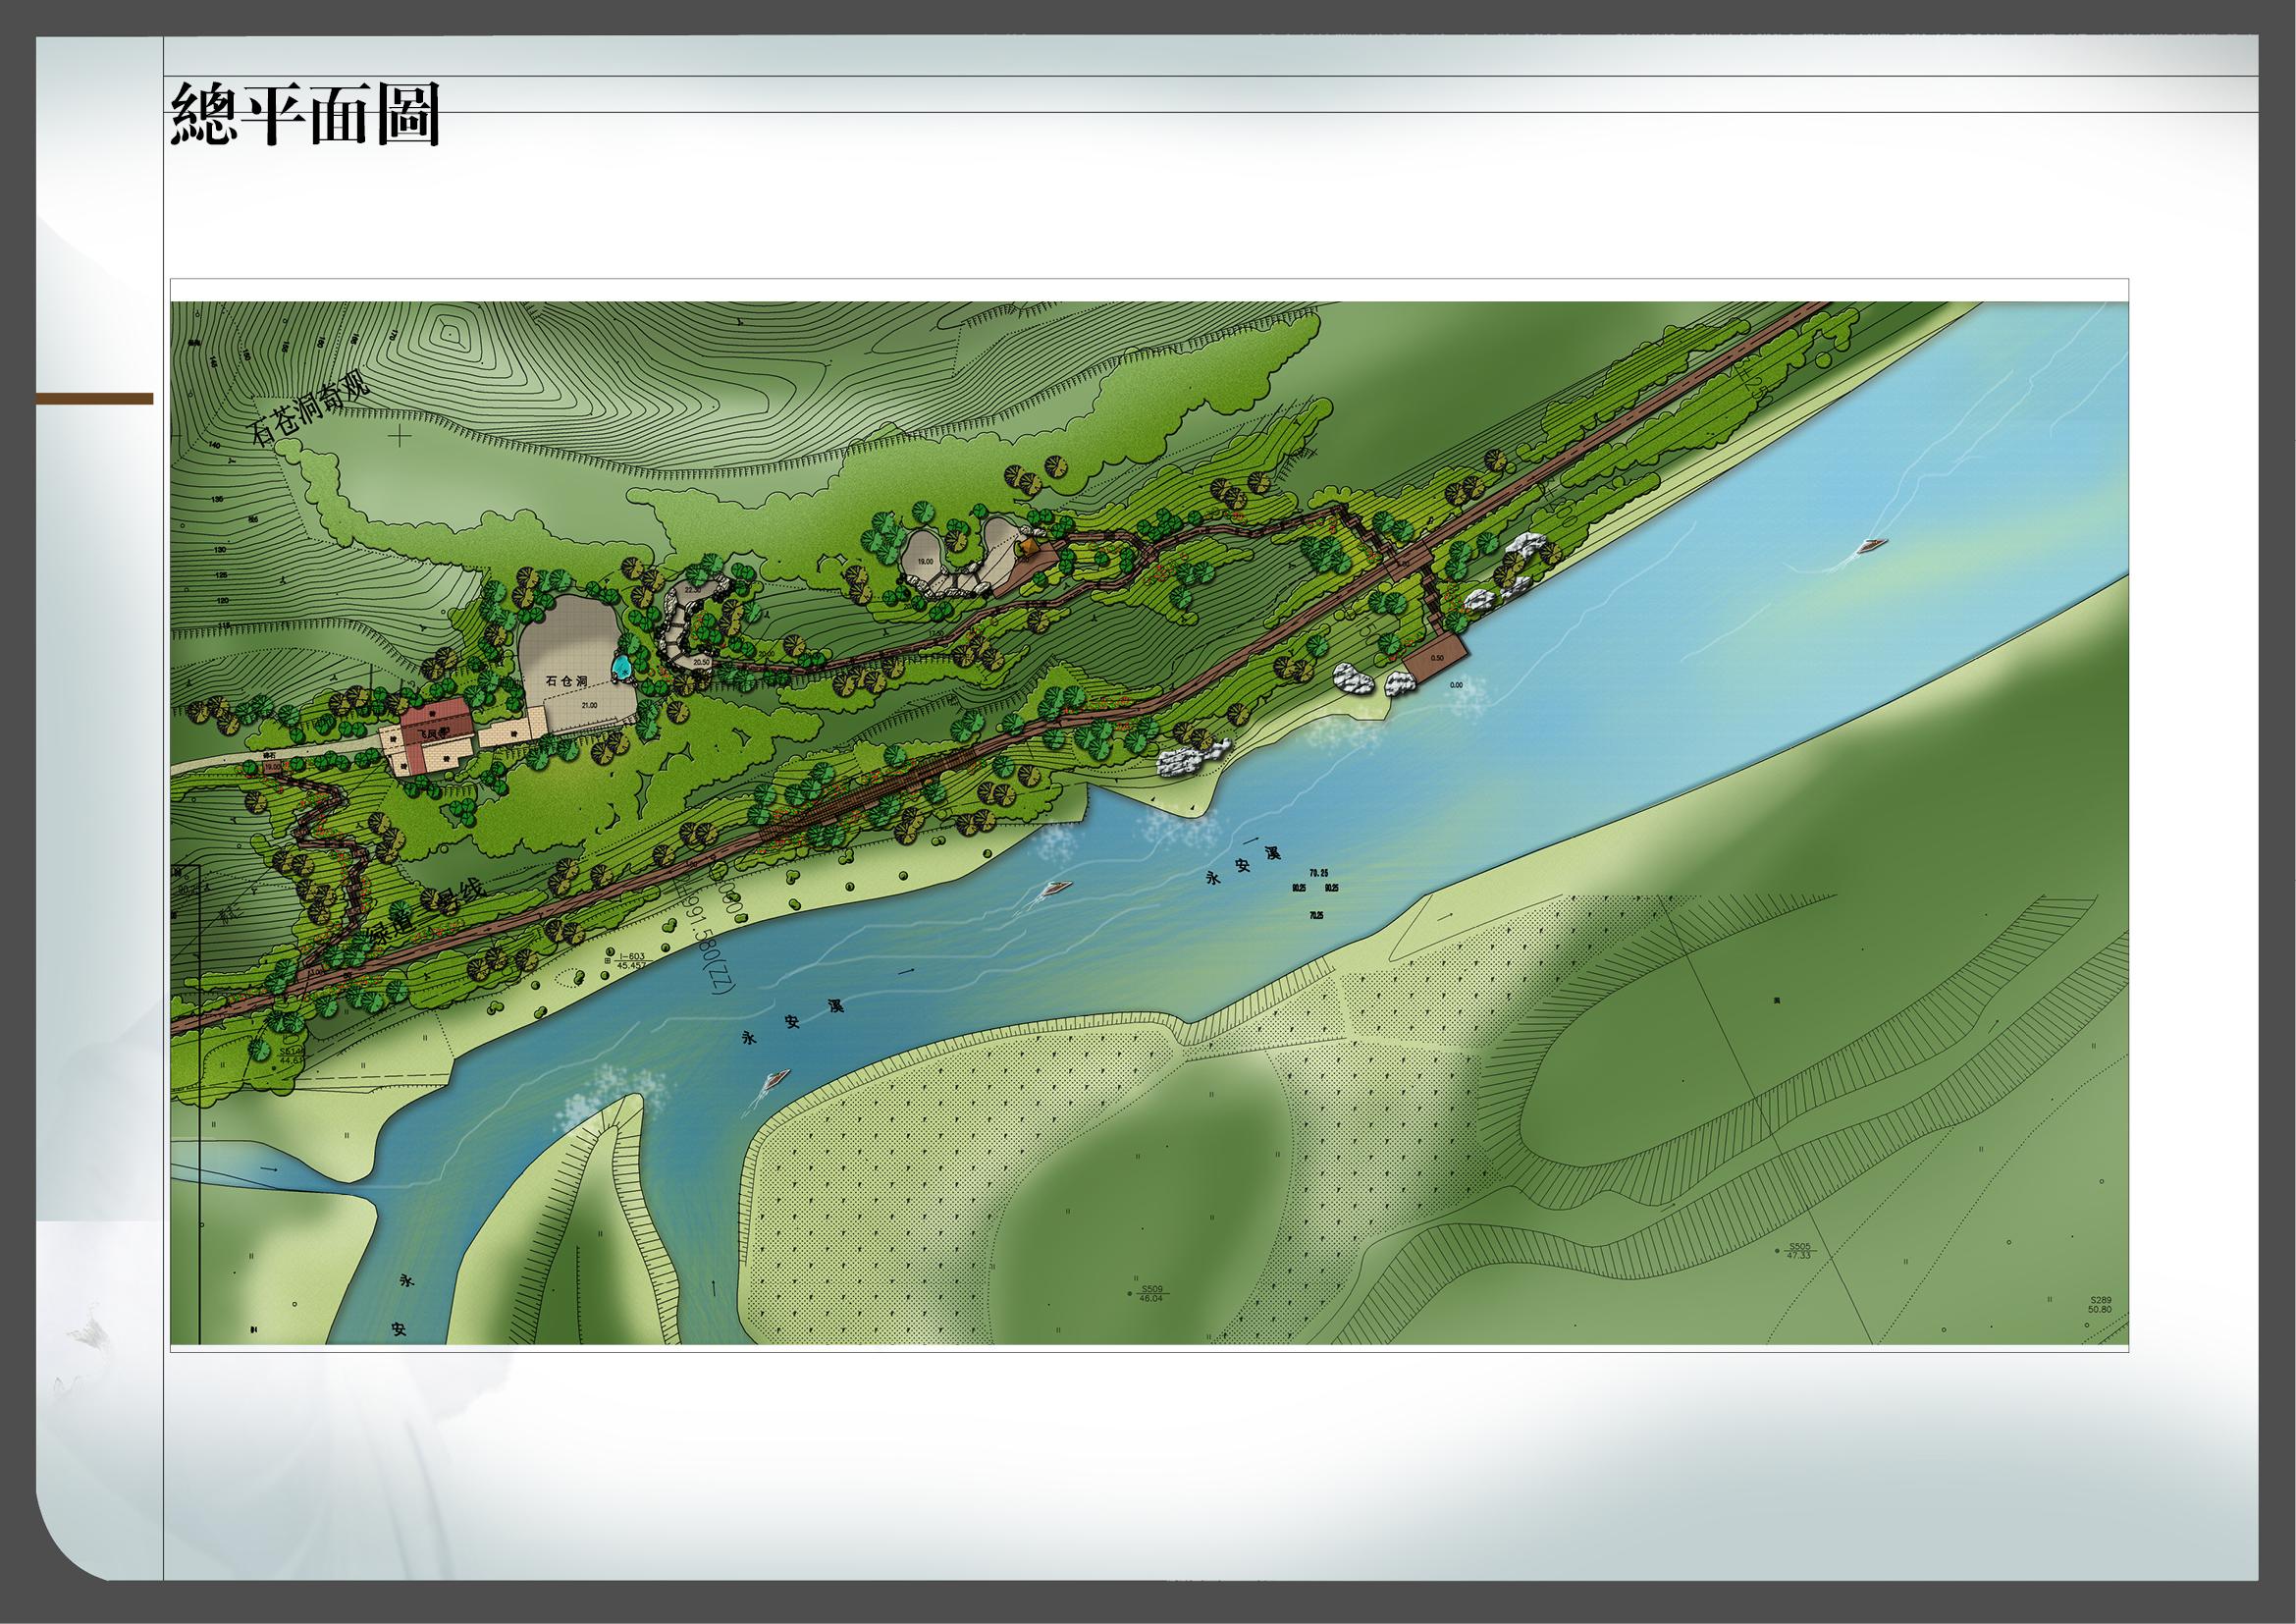 仙居永安溪绿道石苍洞示范段2012.7.16-永安溪绿道13